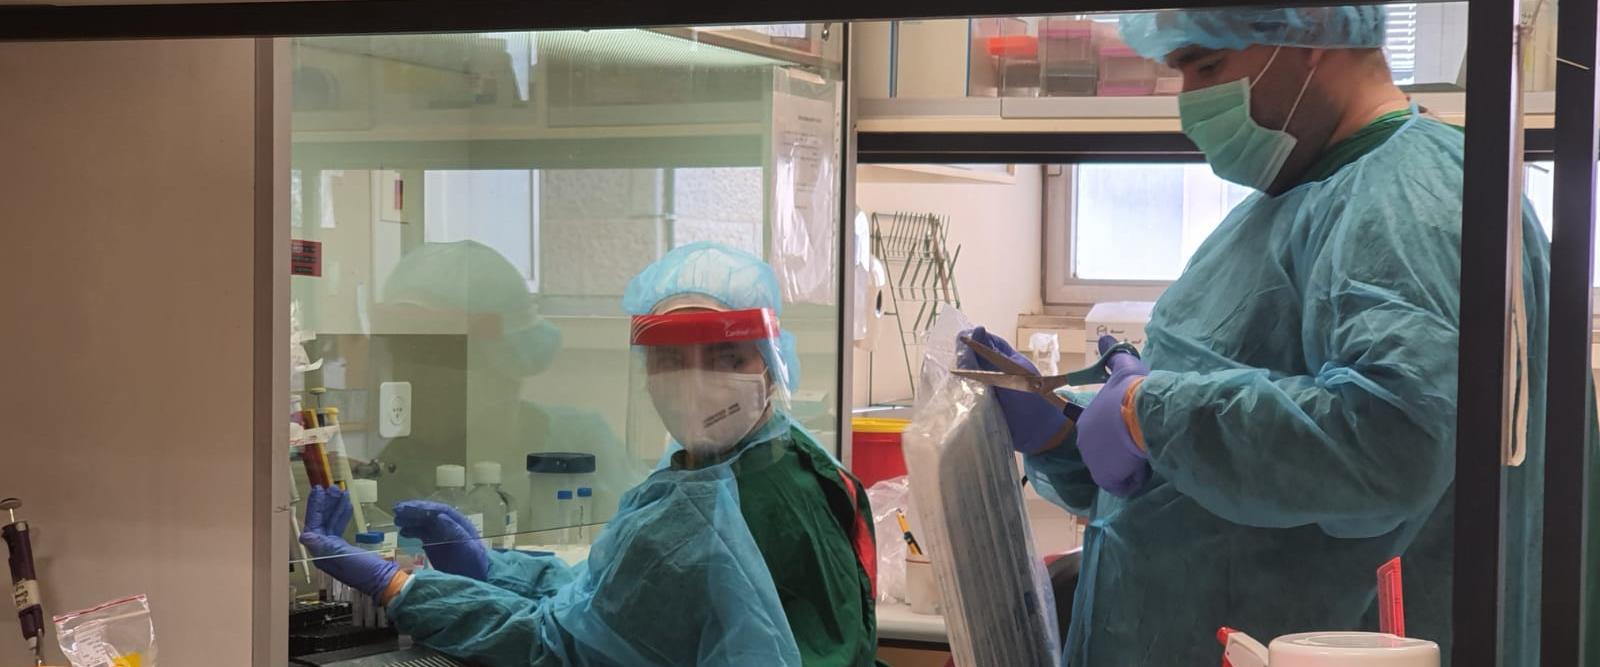 מחקר רפואי בנושא קורונה בבית החולים שערי צדק